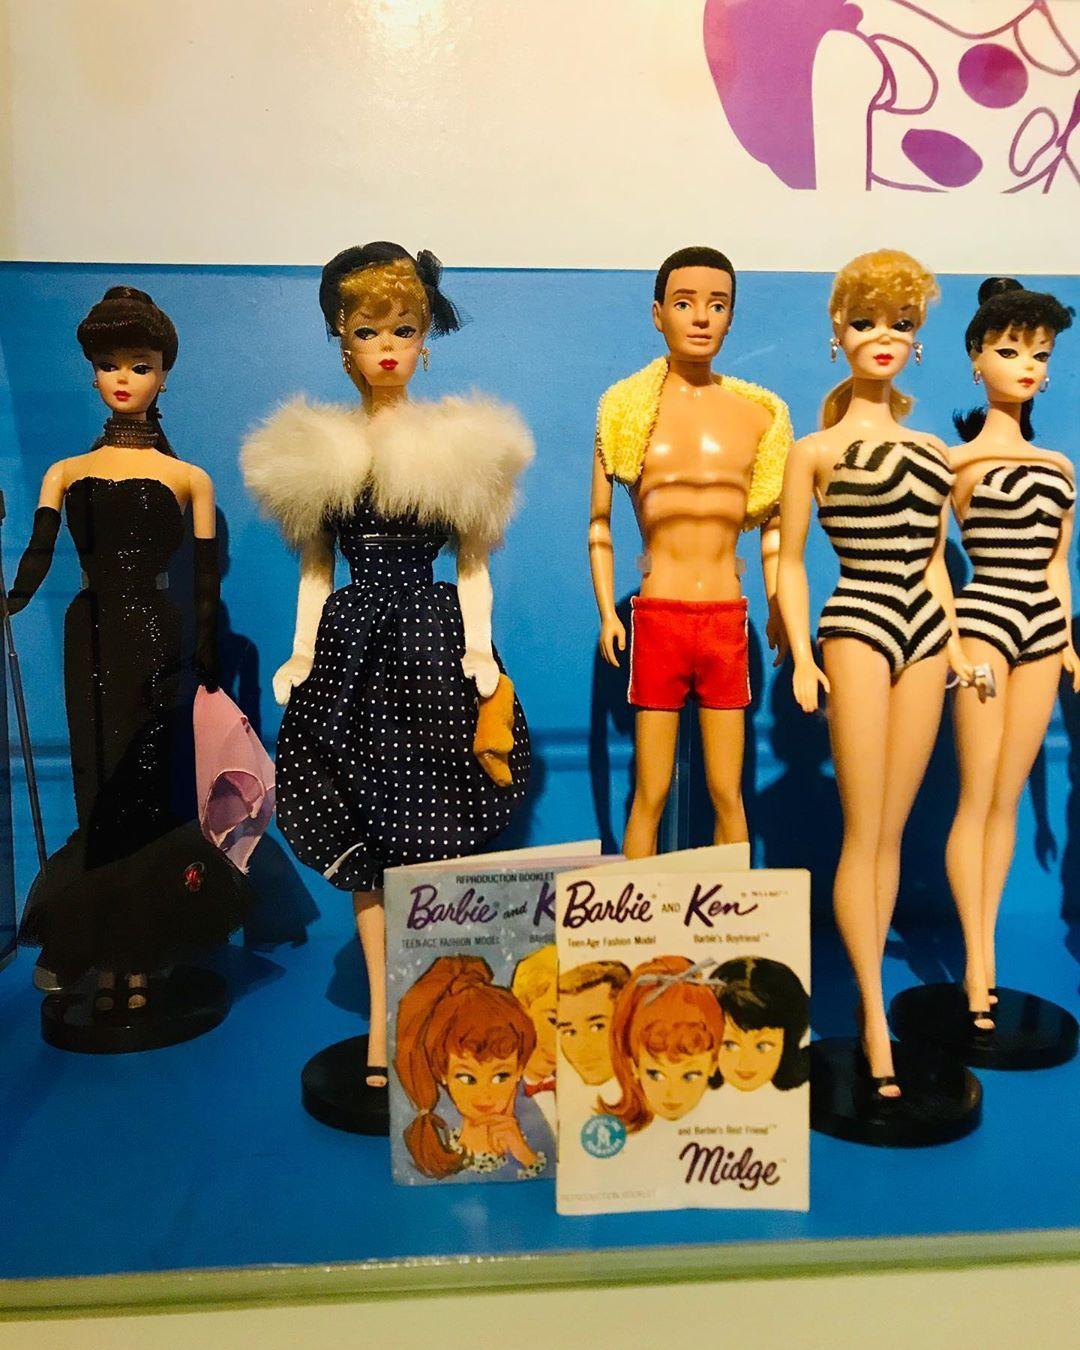 Barbie exhibition MINT Museum